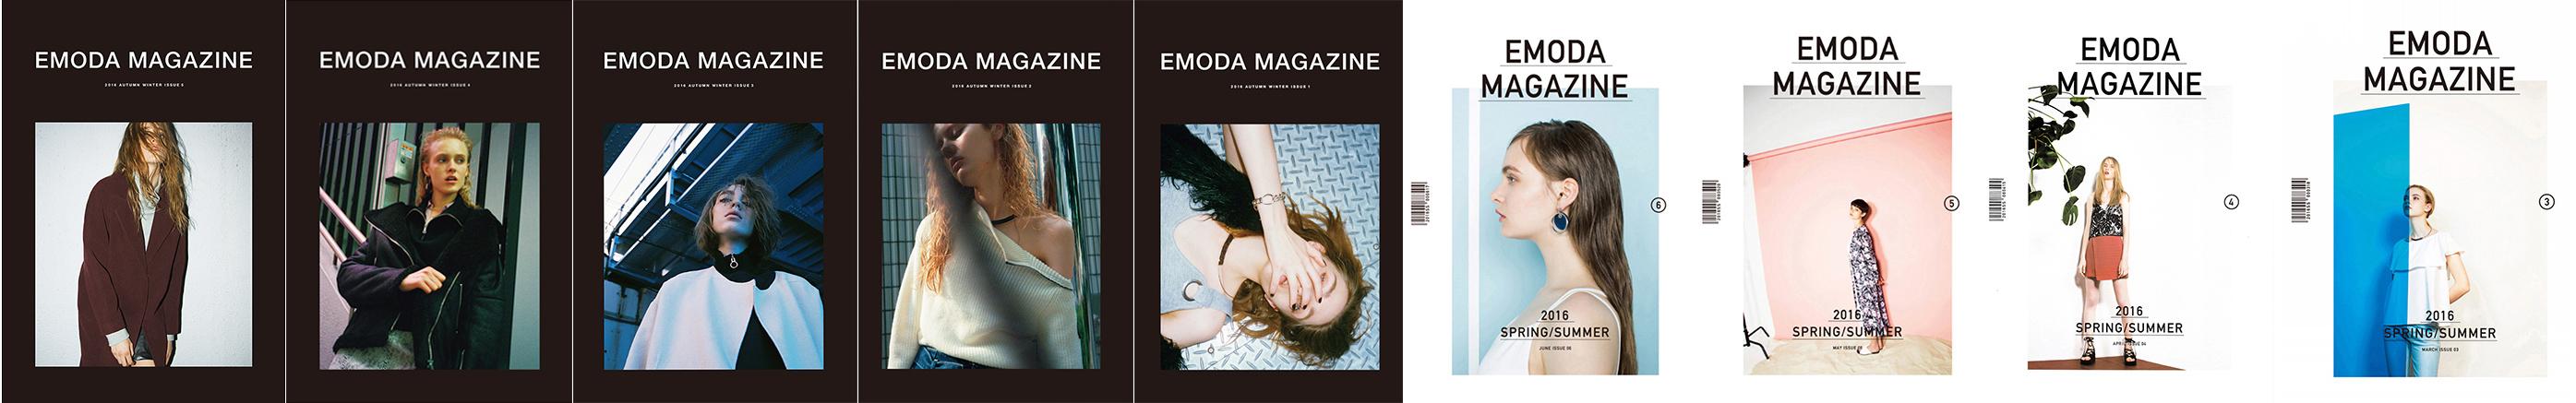 EMODA-magazine-2016